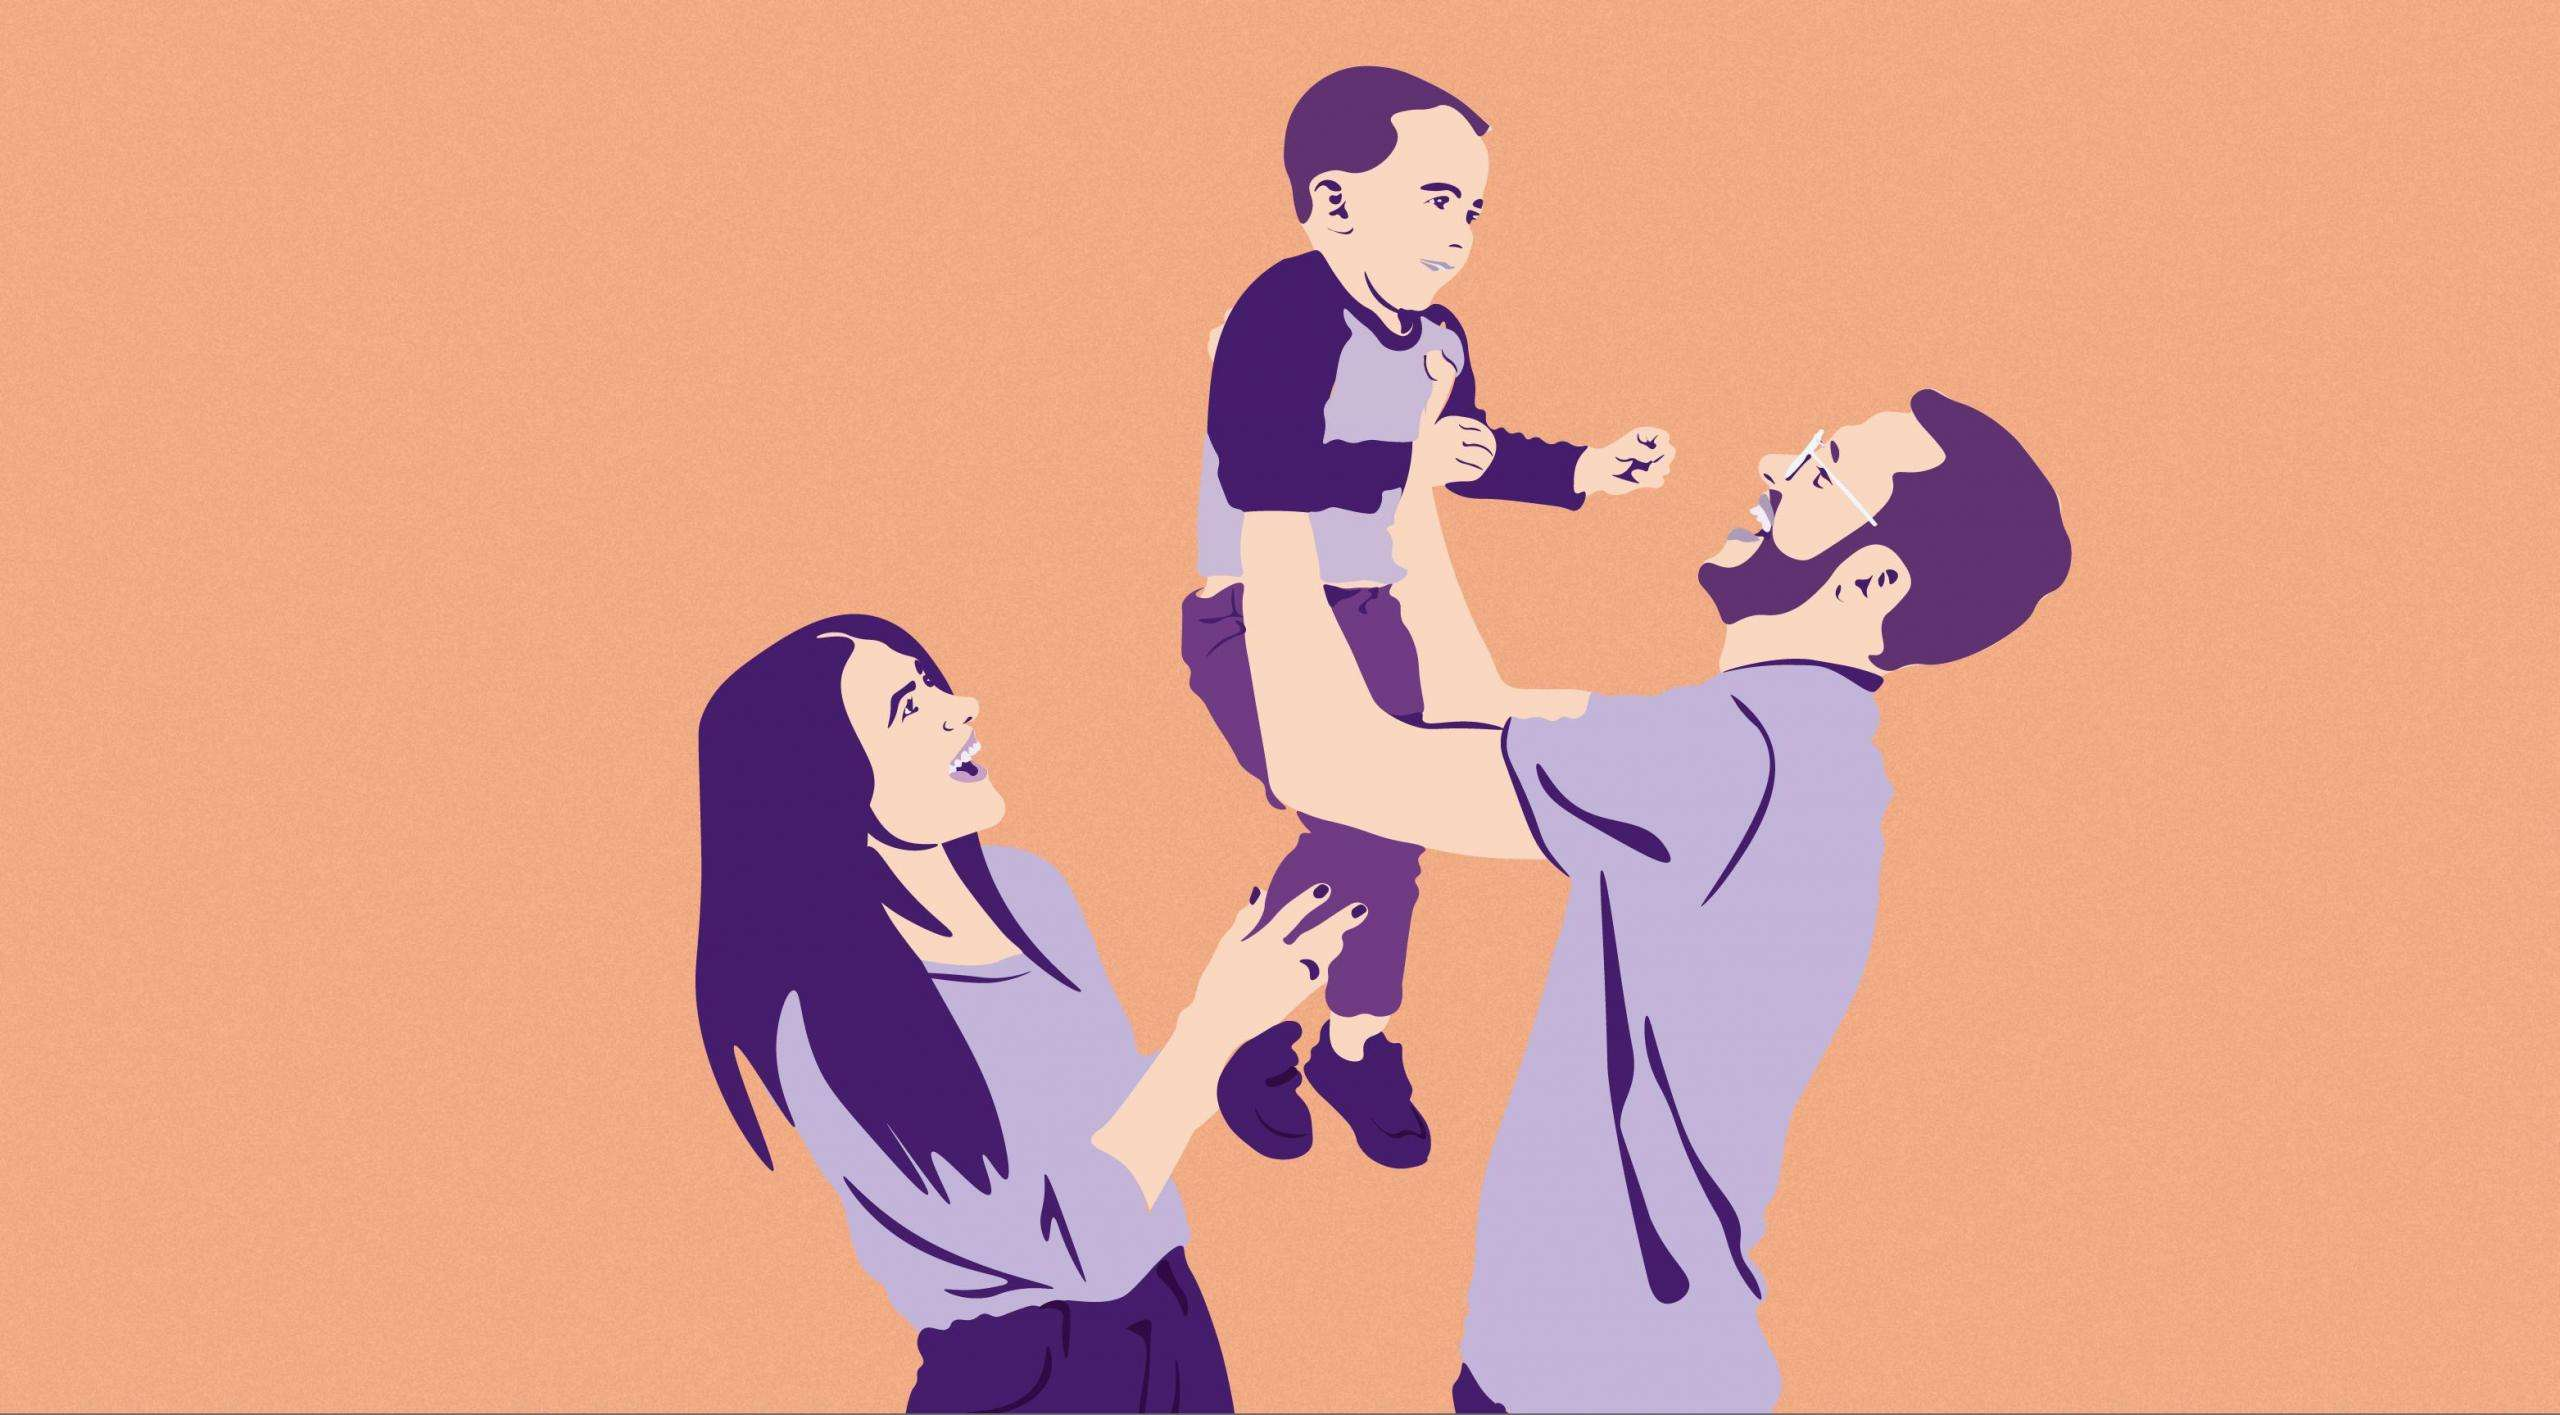 Cung cấp Chính sách Nghỉ phép Chung của Cha mẹ Công bằng hơn